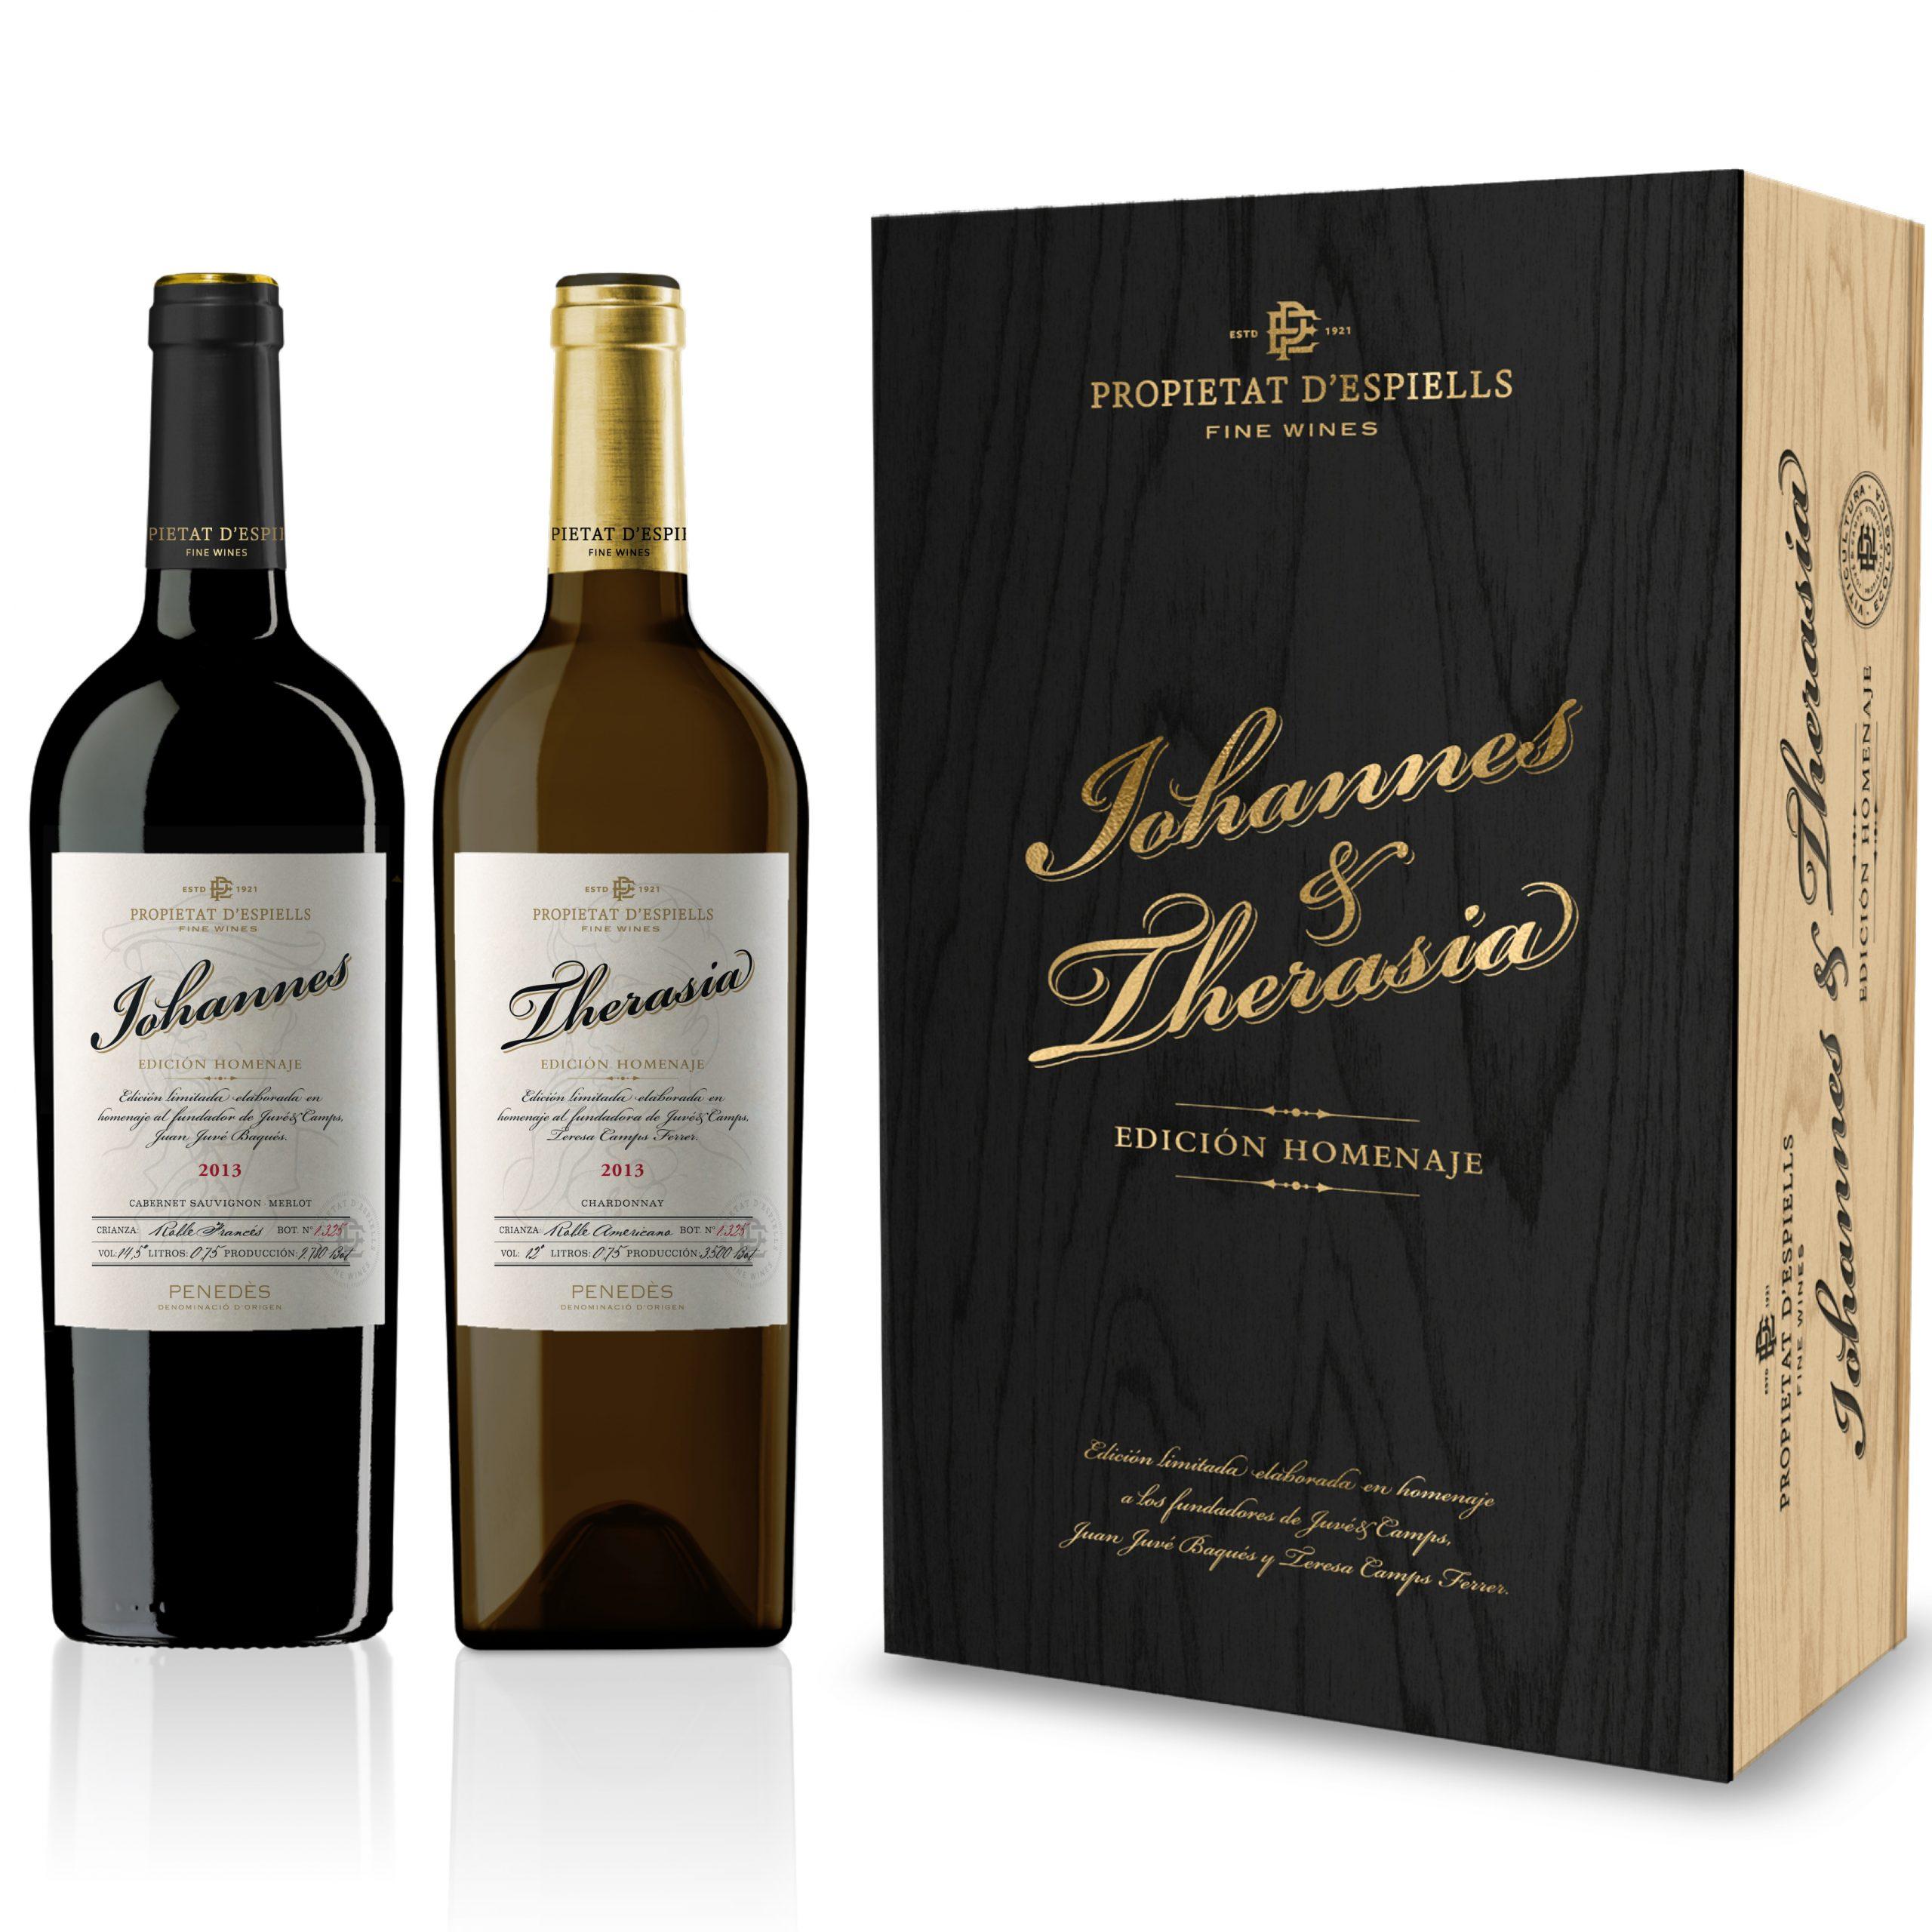 pck vinos propietat d'espiells